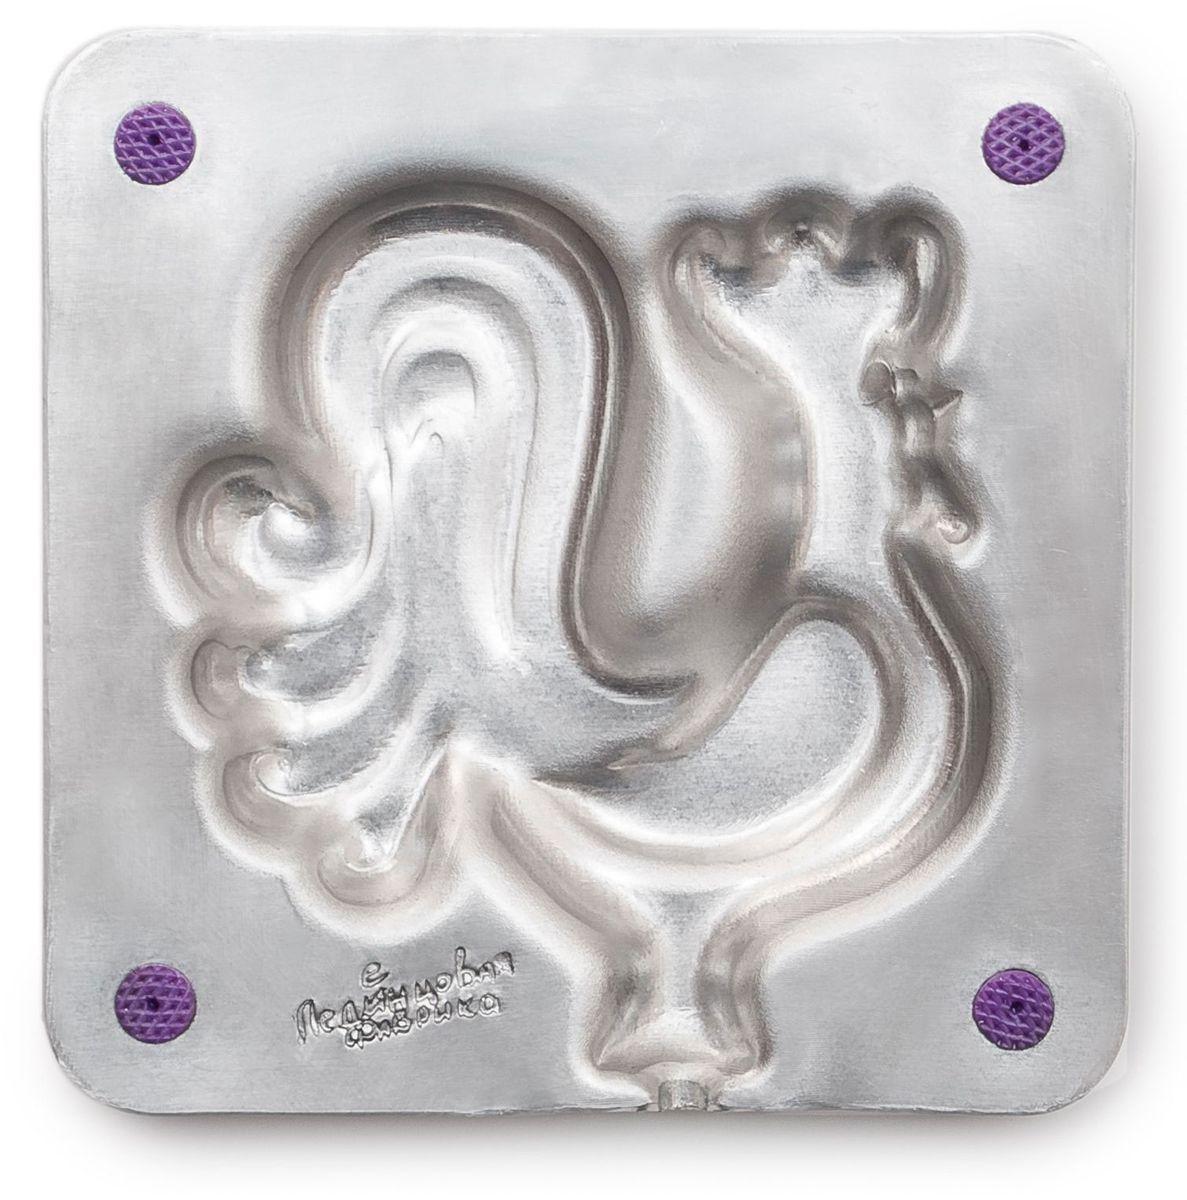 Форма для леденцов Леденцовая фабрика Петух формы для приготовления леденцов на палочке